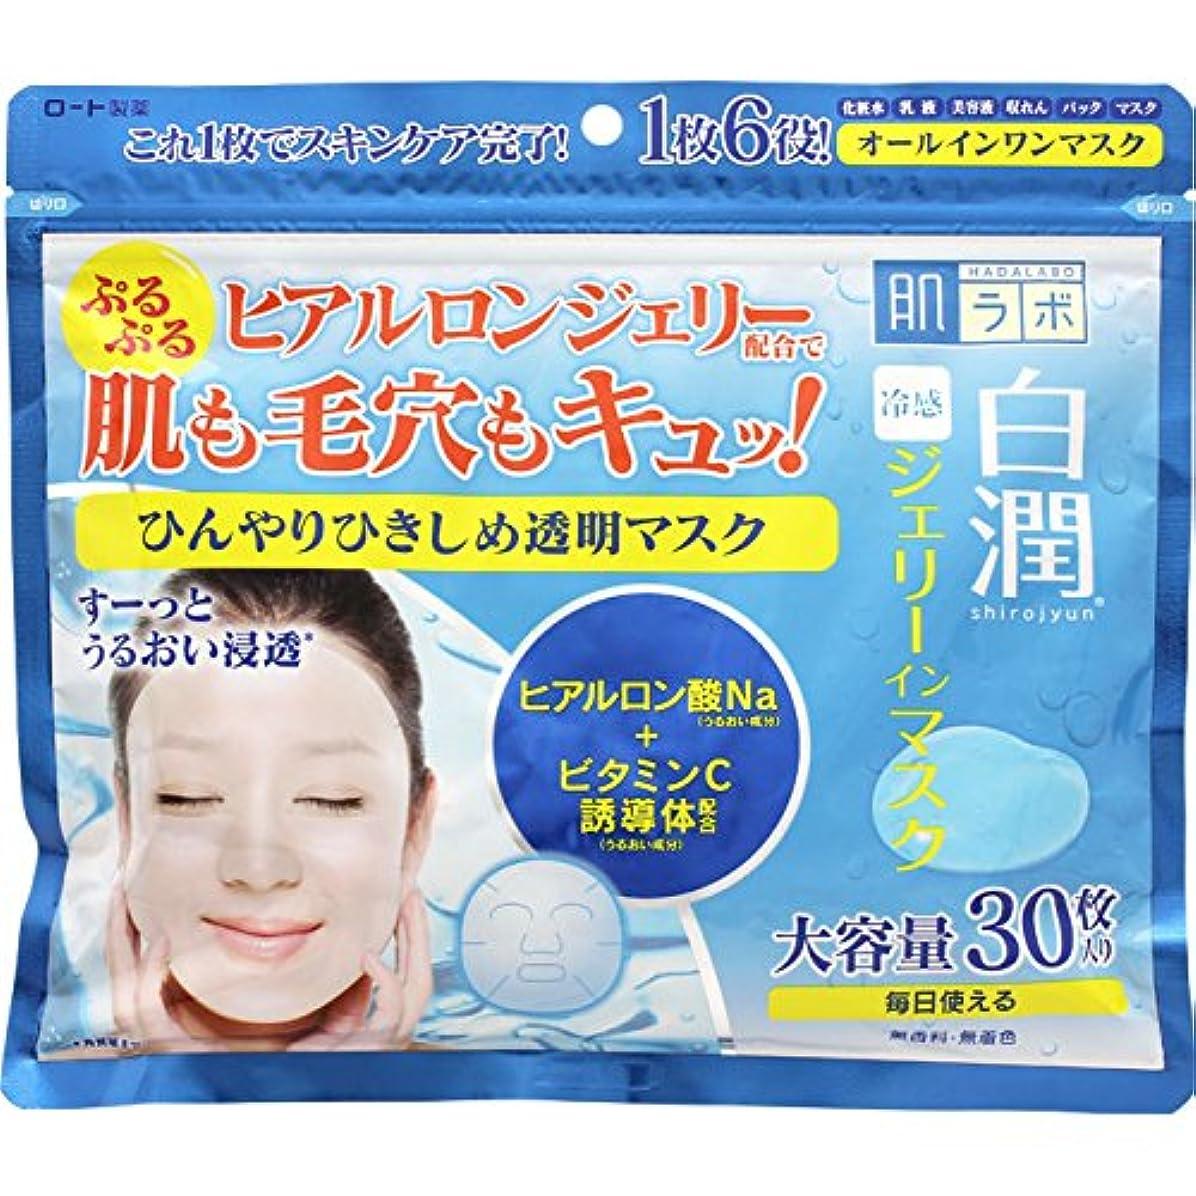 残酷無謀脅威肌ラボ 白潤 冷感ジェリーインマスク 化粧水?乳液?美容液?収れん?パック?マスクの1枚6役 大容量30枚